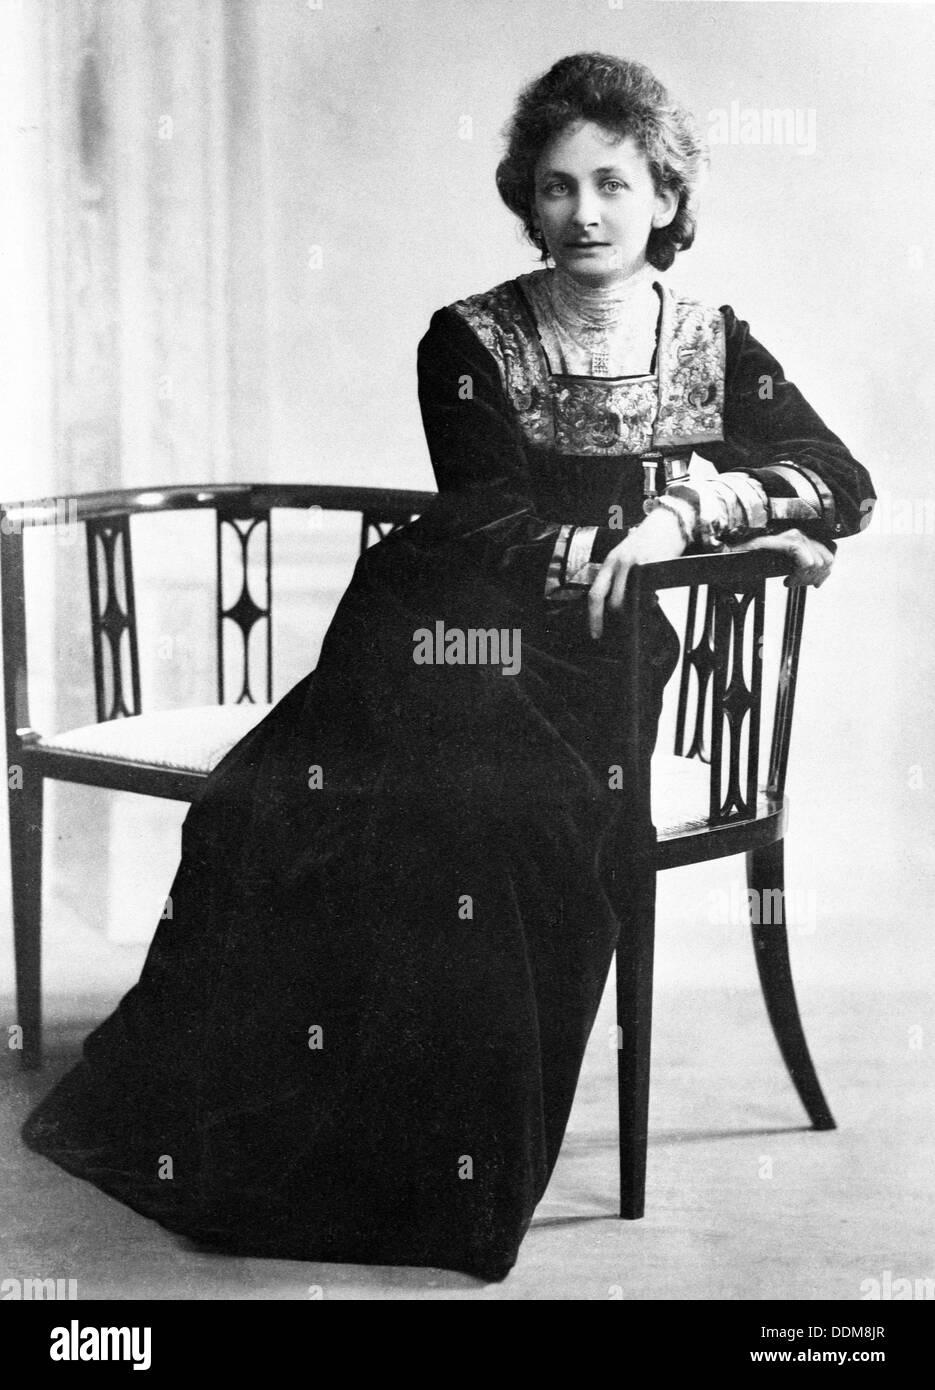 Suffragette, Lady Constance Lytton, c1912. Artiste: Inconnu Banque D'Images